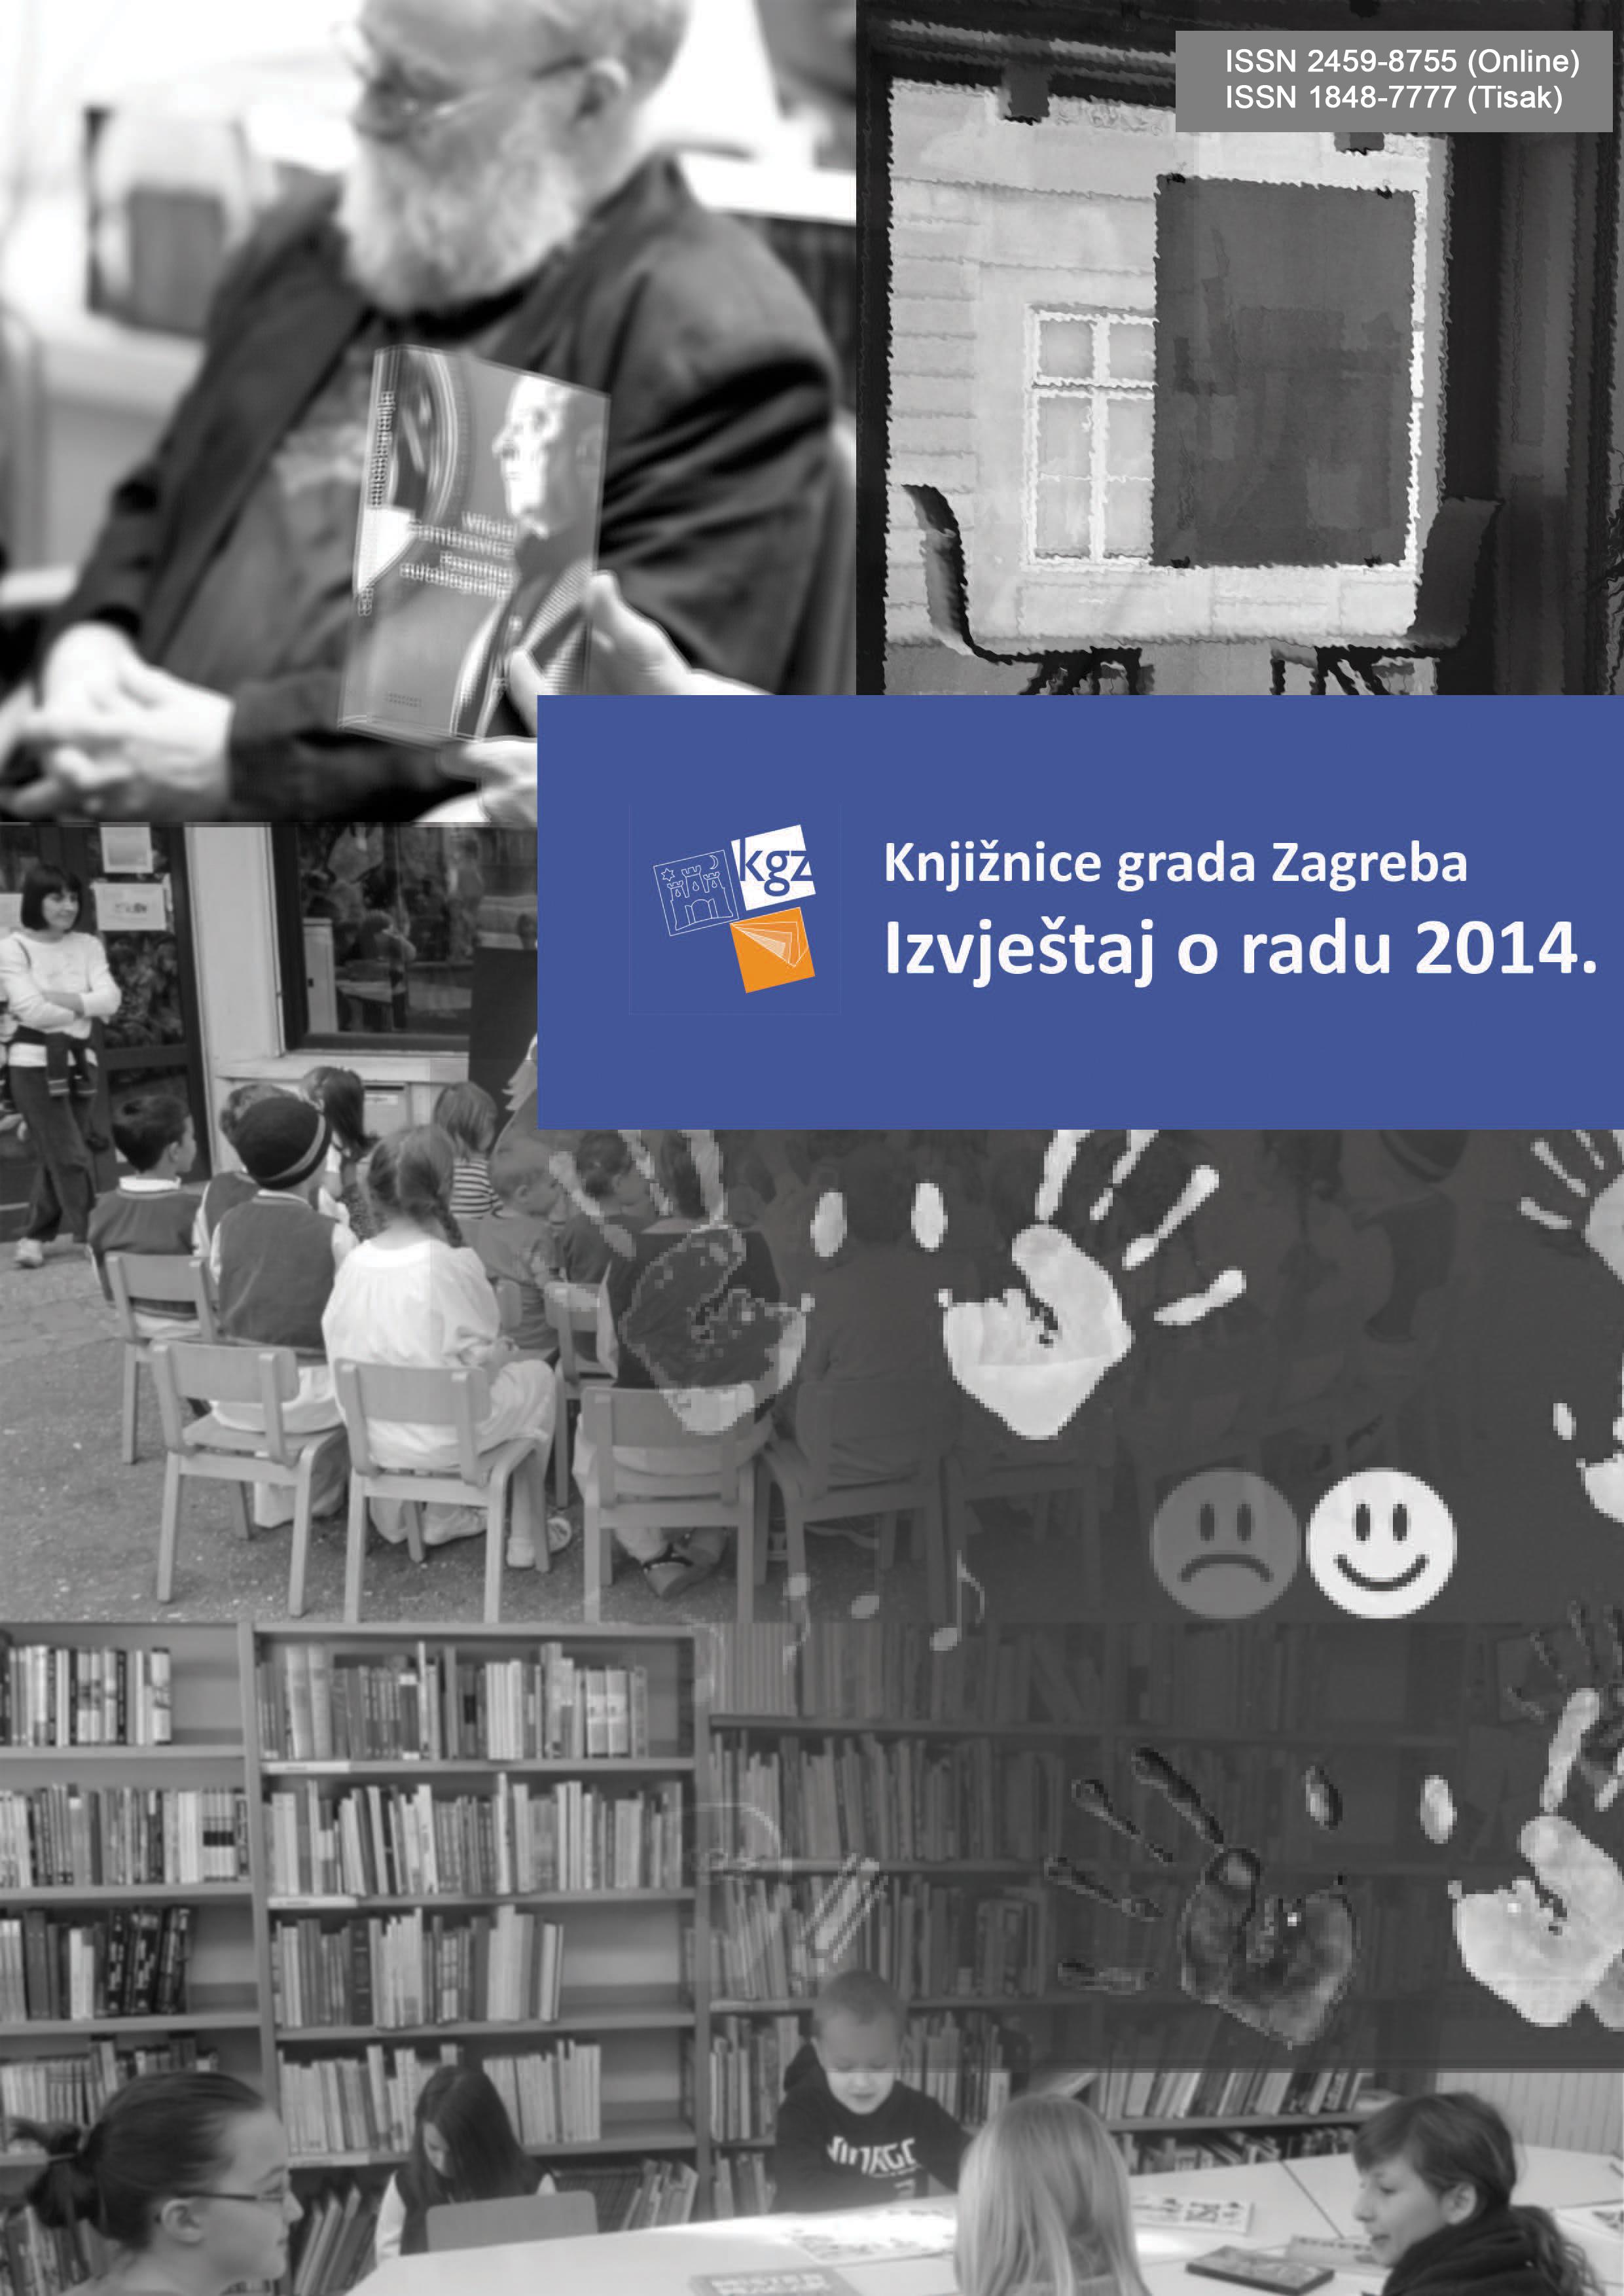 Izvještaj o radu 2014.